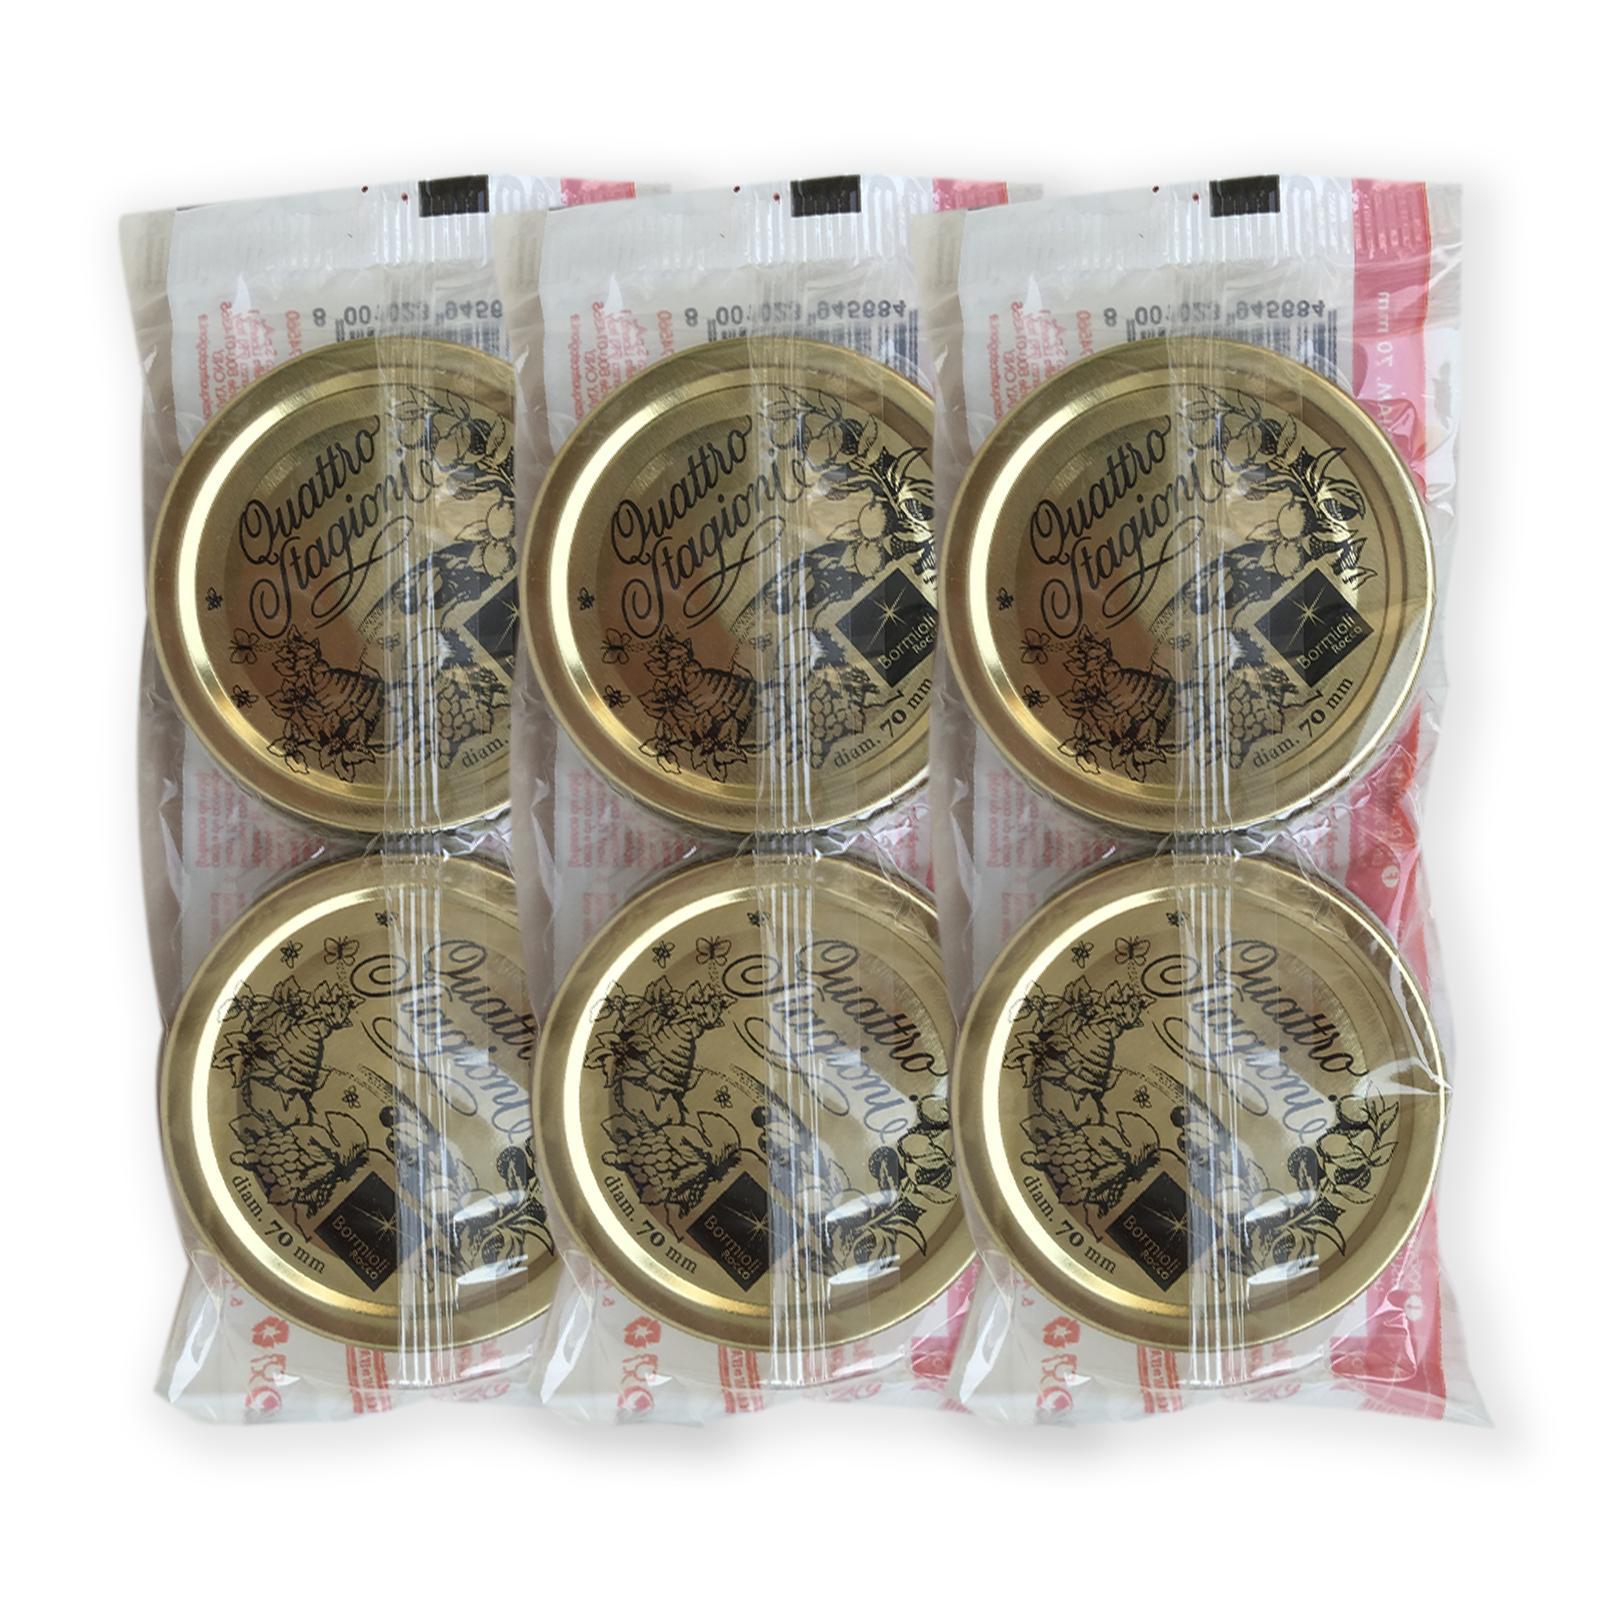 bierrestore tappi vasetti in vetro 70mm quattro stagioni bormioli 6 pz